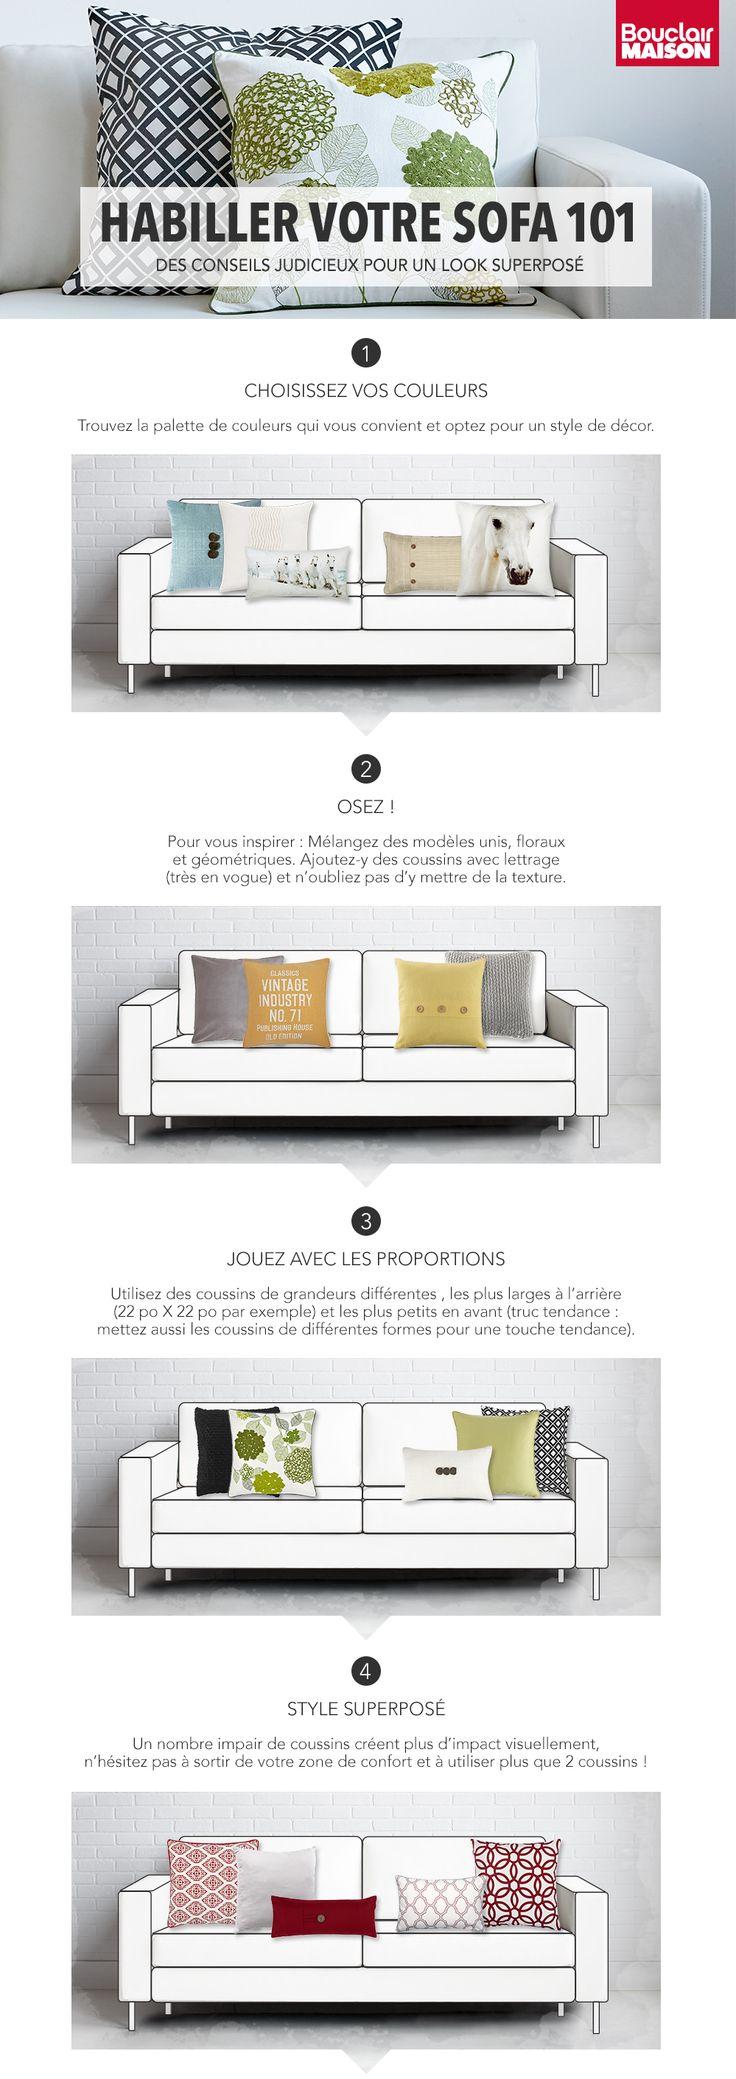 Nous voulons toutes d'un sofa digne des magazines de déco d'intérieur ^_^ Suivez ces 4 étapes et exprimez votre personnalité. #fauteuil #sofa #decormaison #decor #salon #decorsalon  #decoration #decorationdinterieur #bouclair #coussins